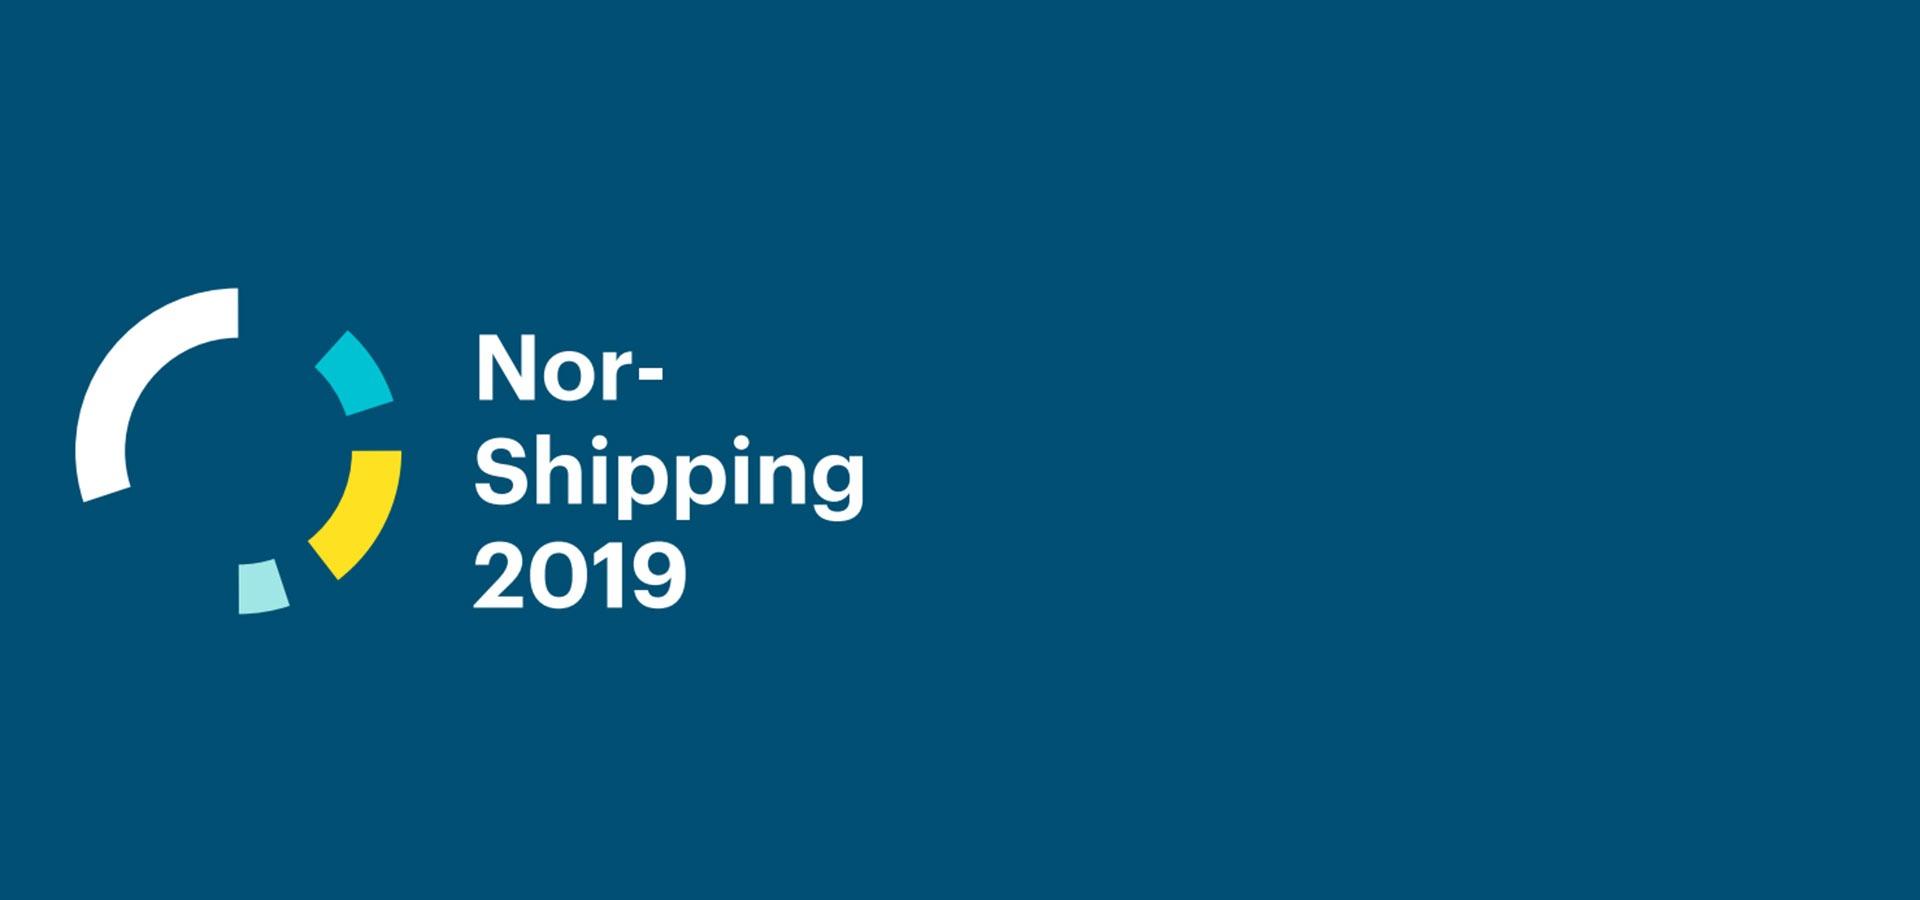 NorShipping 2019